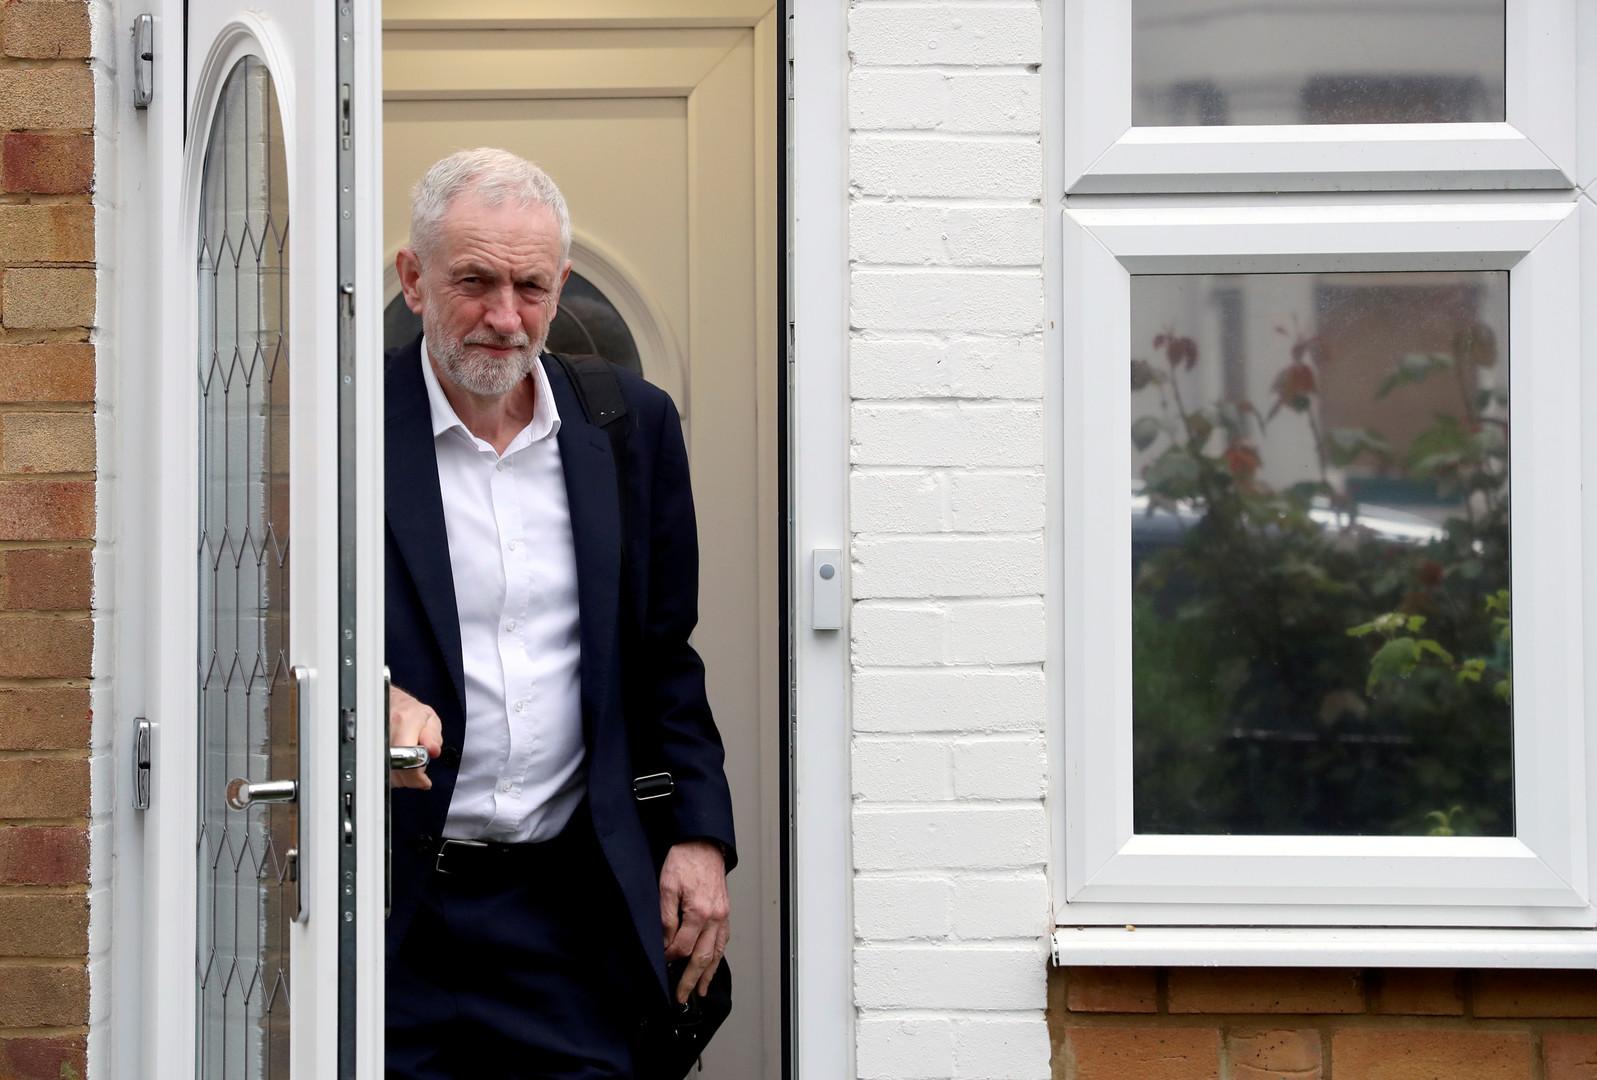 زعيم المعارضة البريطانية: إلقاء اللوم على إيران دون أدلة في حادثة خليج عمان يؤجج التصعيد